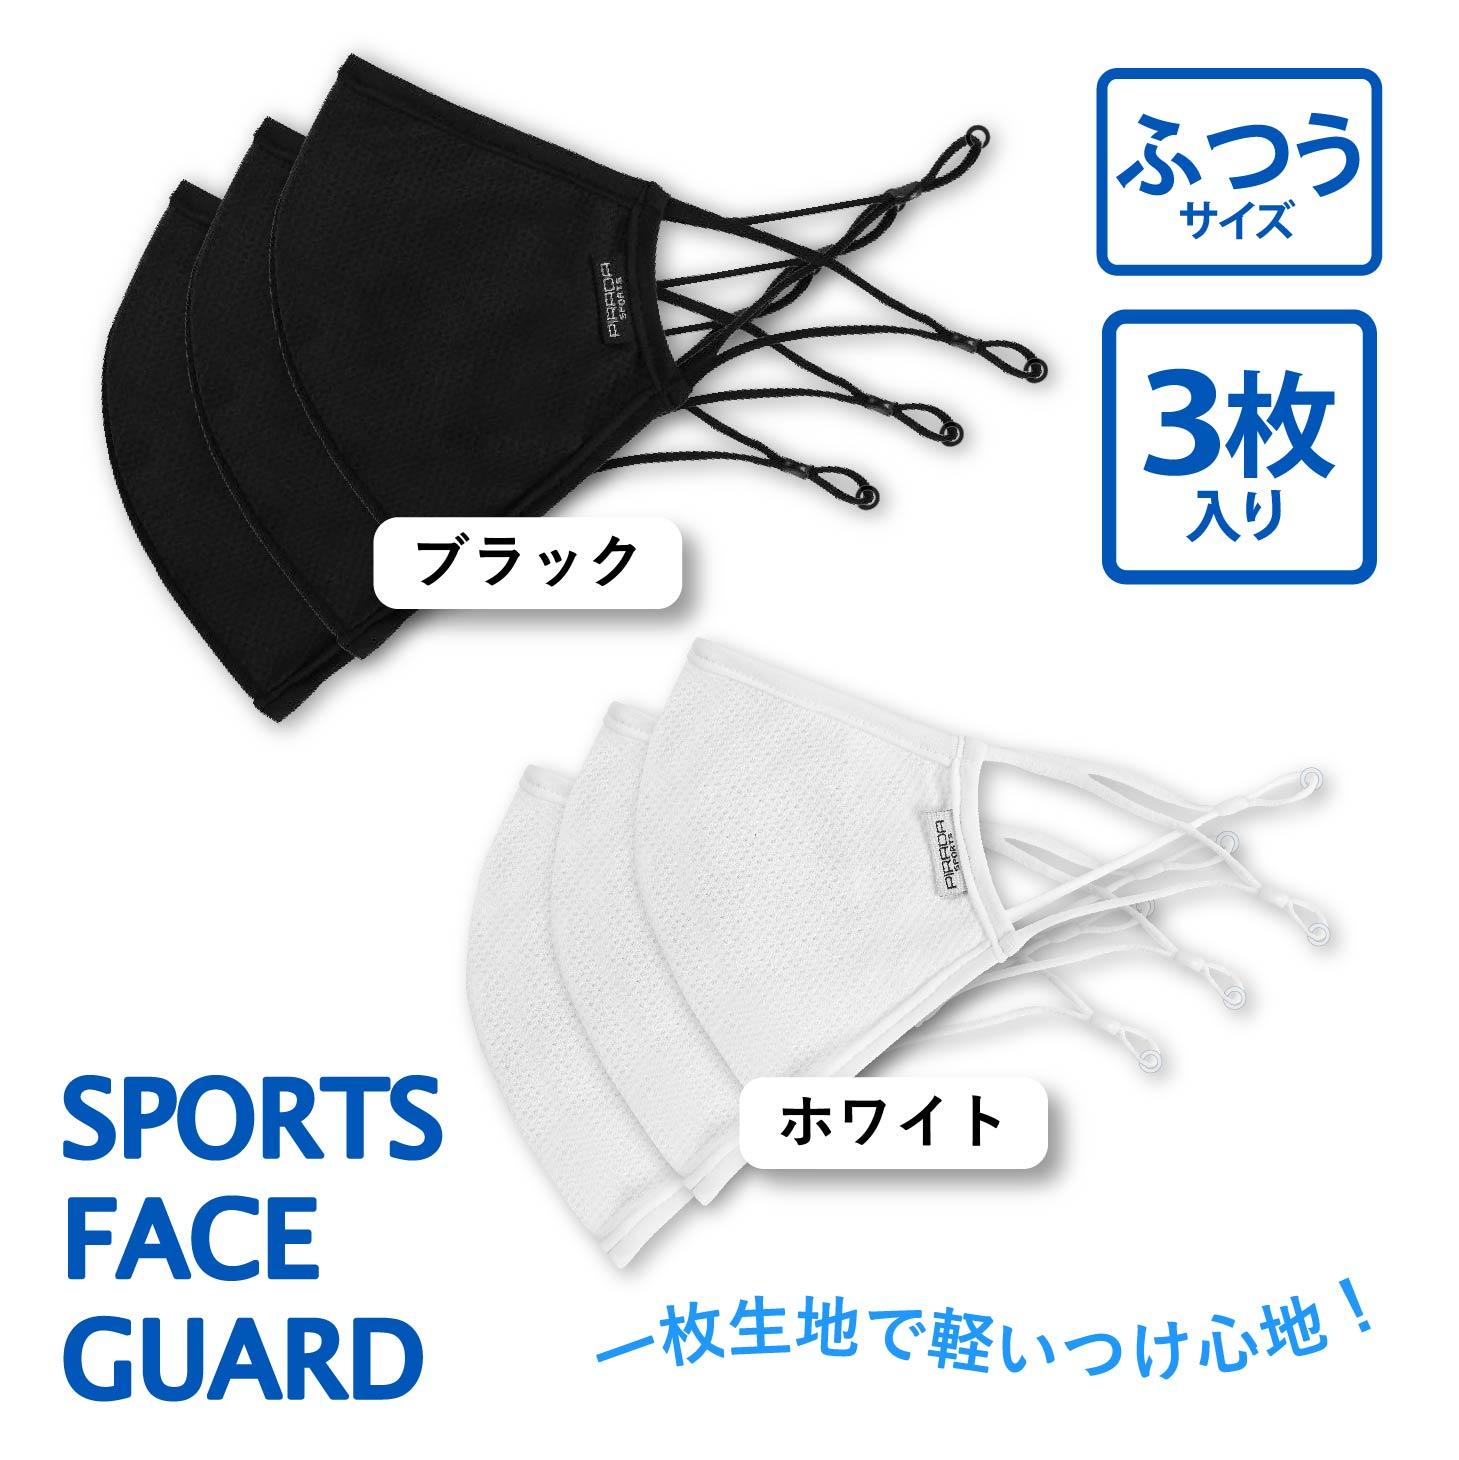 【新作3枚入】スポーツ 抗菌マスク 消臭 吸汗速乾 ランニング用 ジム用UVカット ジム ヨガ  ジョギング